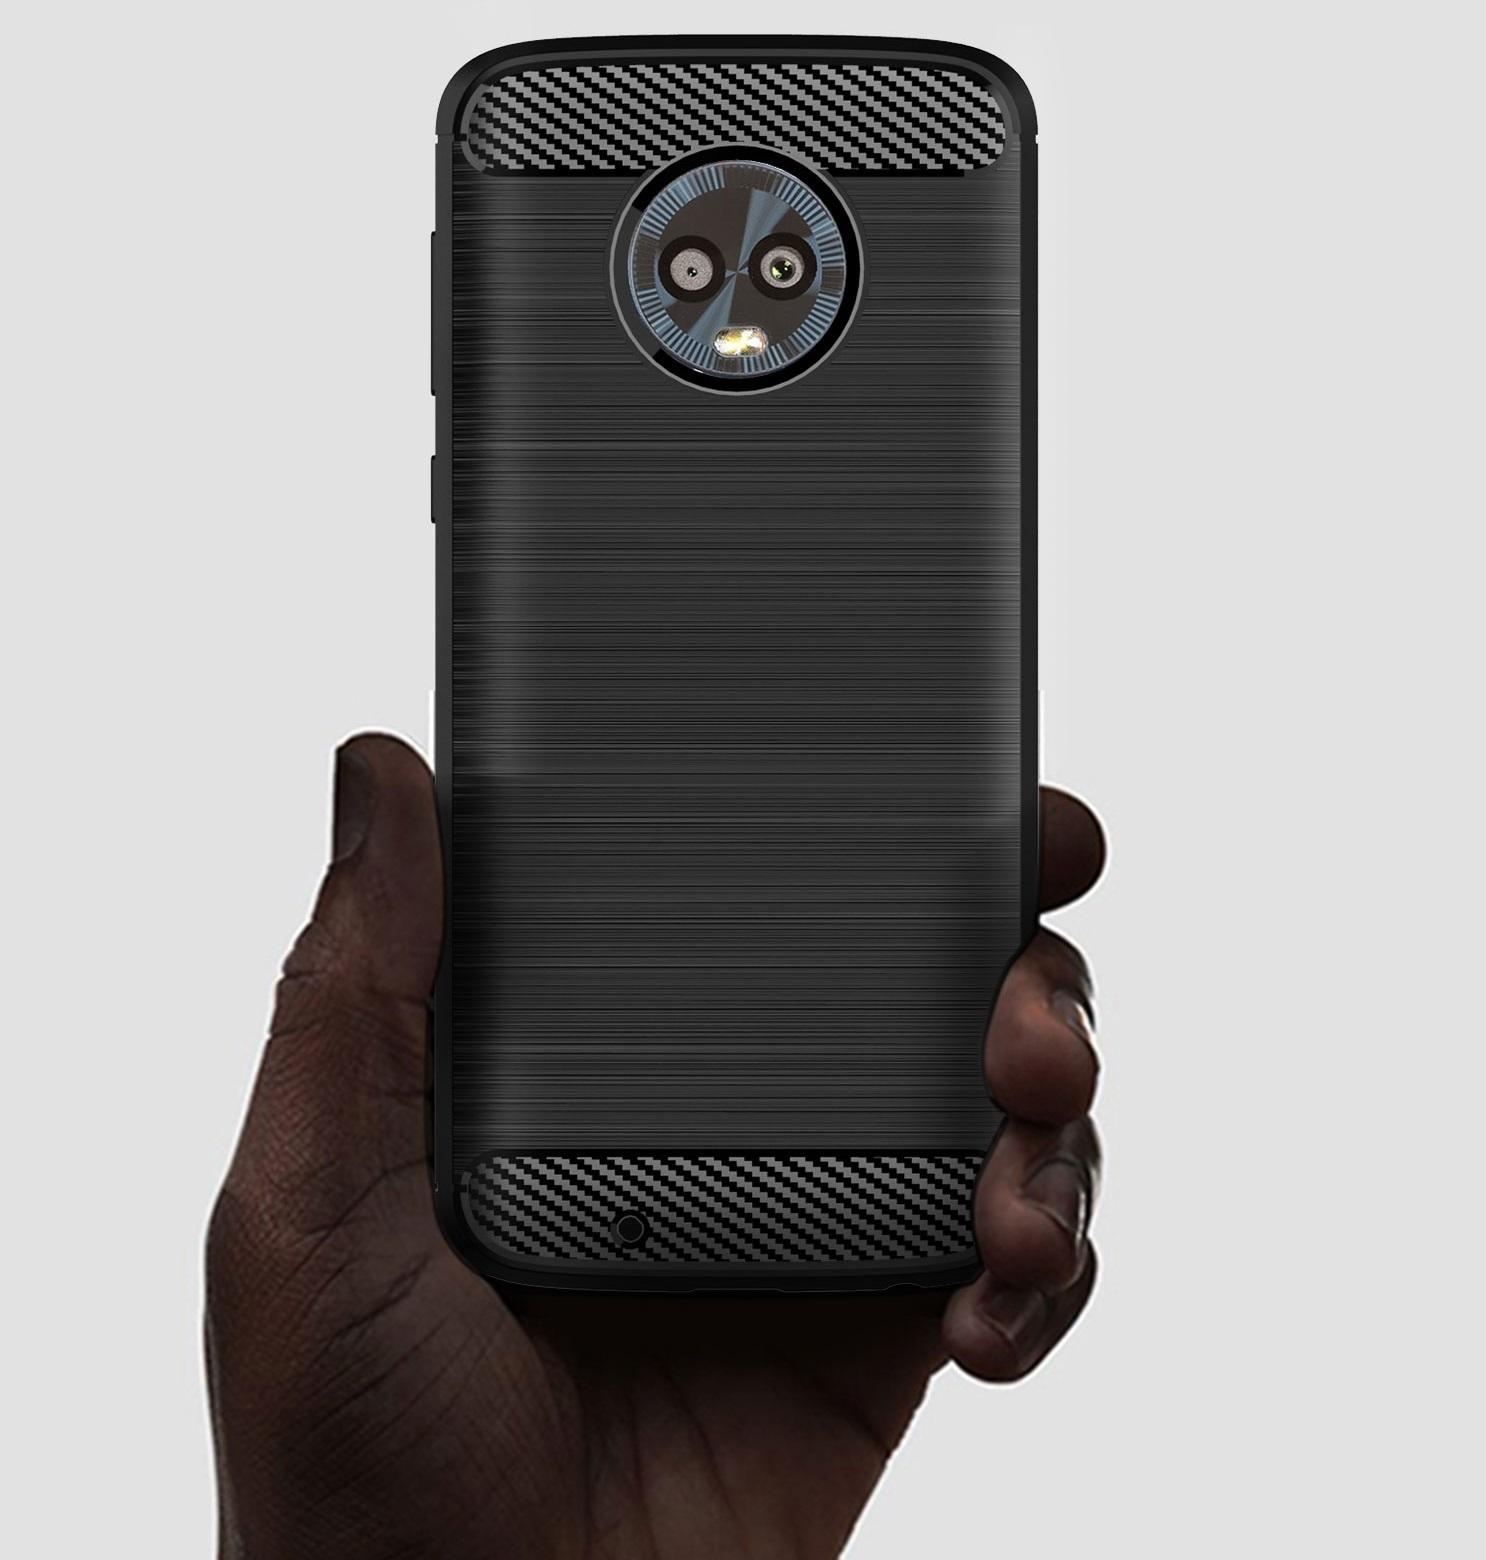 Чехол для Motorola Moto G6 цвет Black (черный), серия Carbon от Caseport